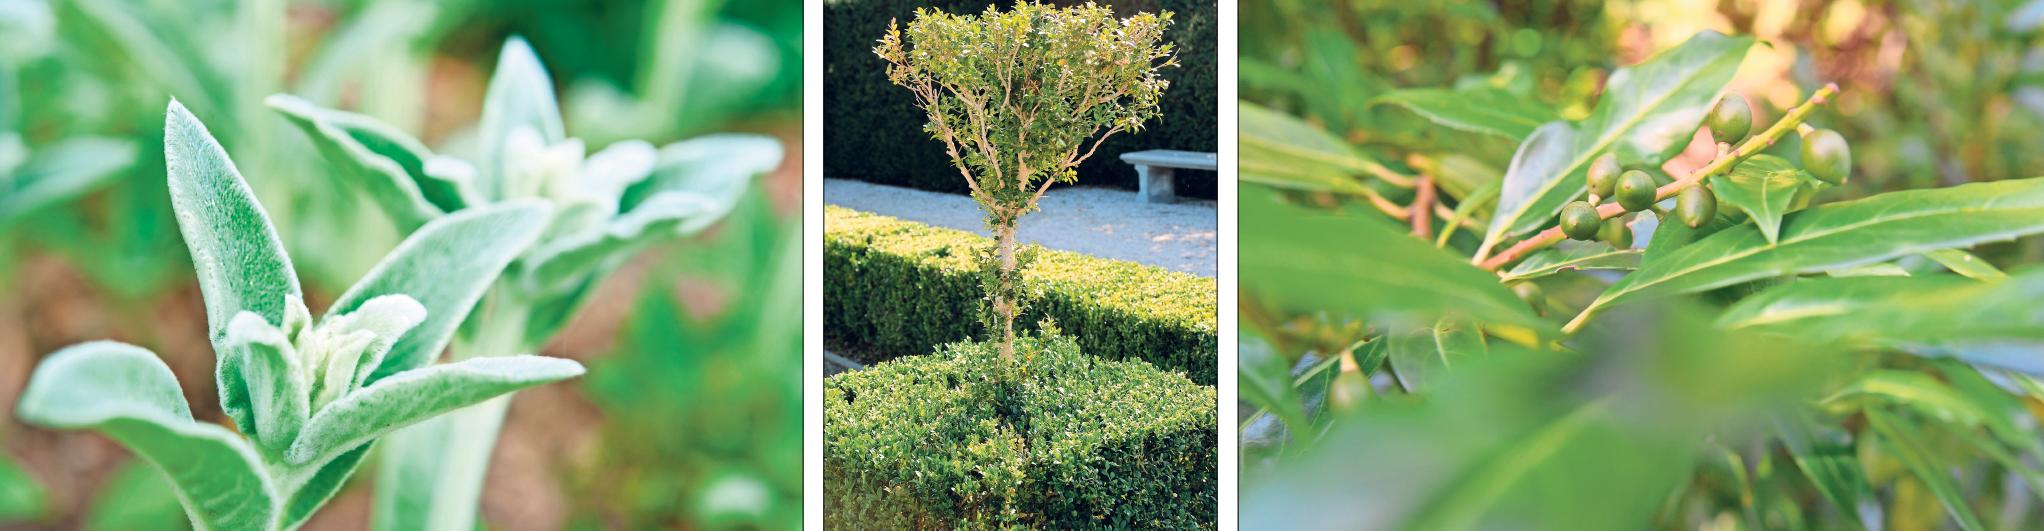 Nicht jeder Immergrüne ist wirklich grün: Der Wollziest (links) zum Beispiel ist silbrig-grün. Immergrüne Hecken sind ordnende Linien im Garten – sie bilden die Grundstruktur der Gartengestaltung. Ein Klassiker unter den beliebten Immergrünen ist die Lorbeerkirsche (rechts). Fotos: Andrea Warnecke/dpa-tmn